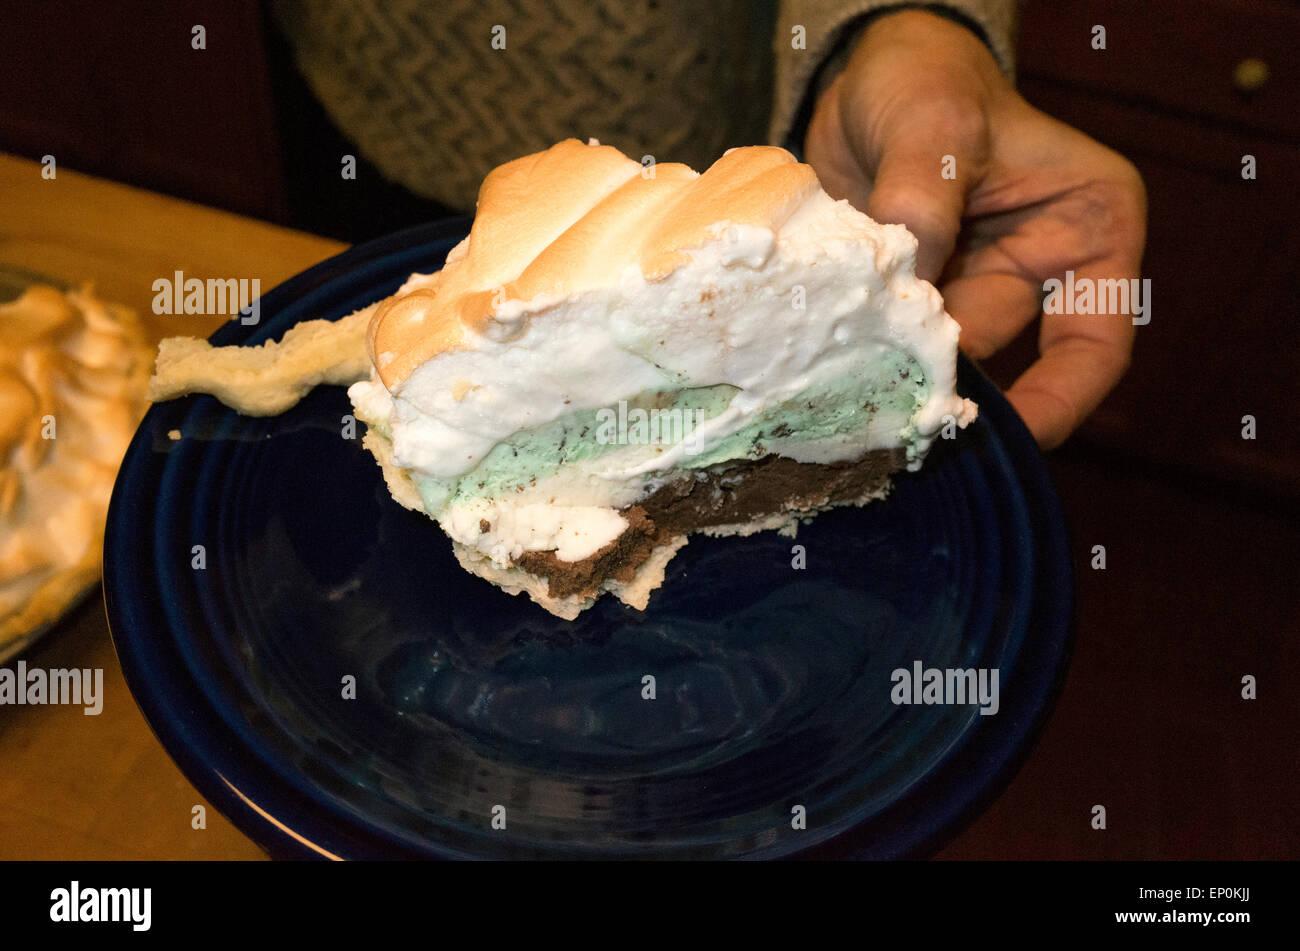 Ice Cream Cake Stock Photos Ice Cream Cake Stock Images Alamy